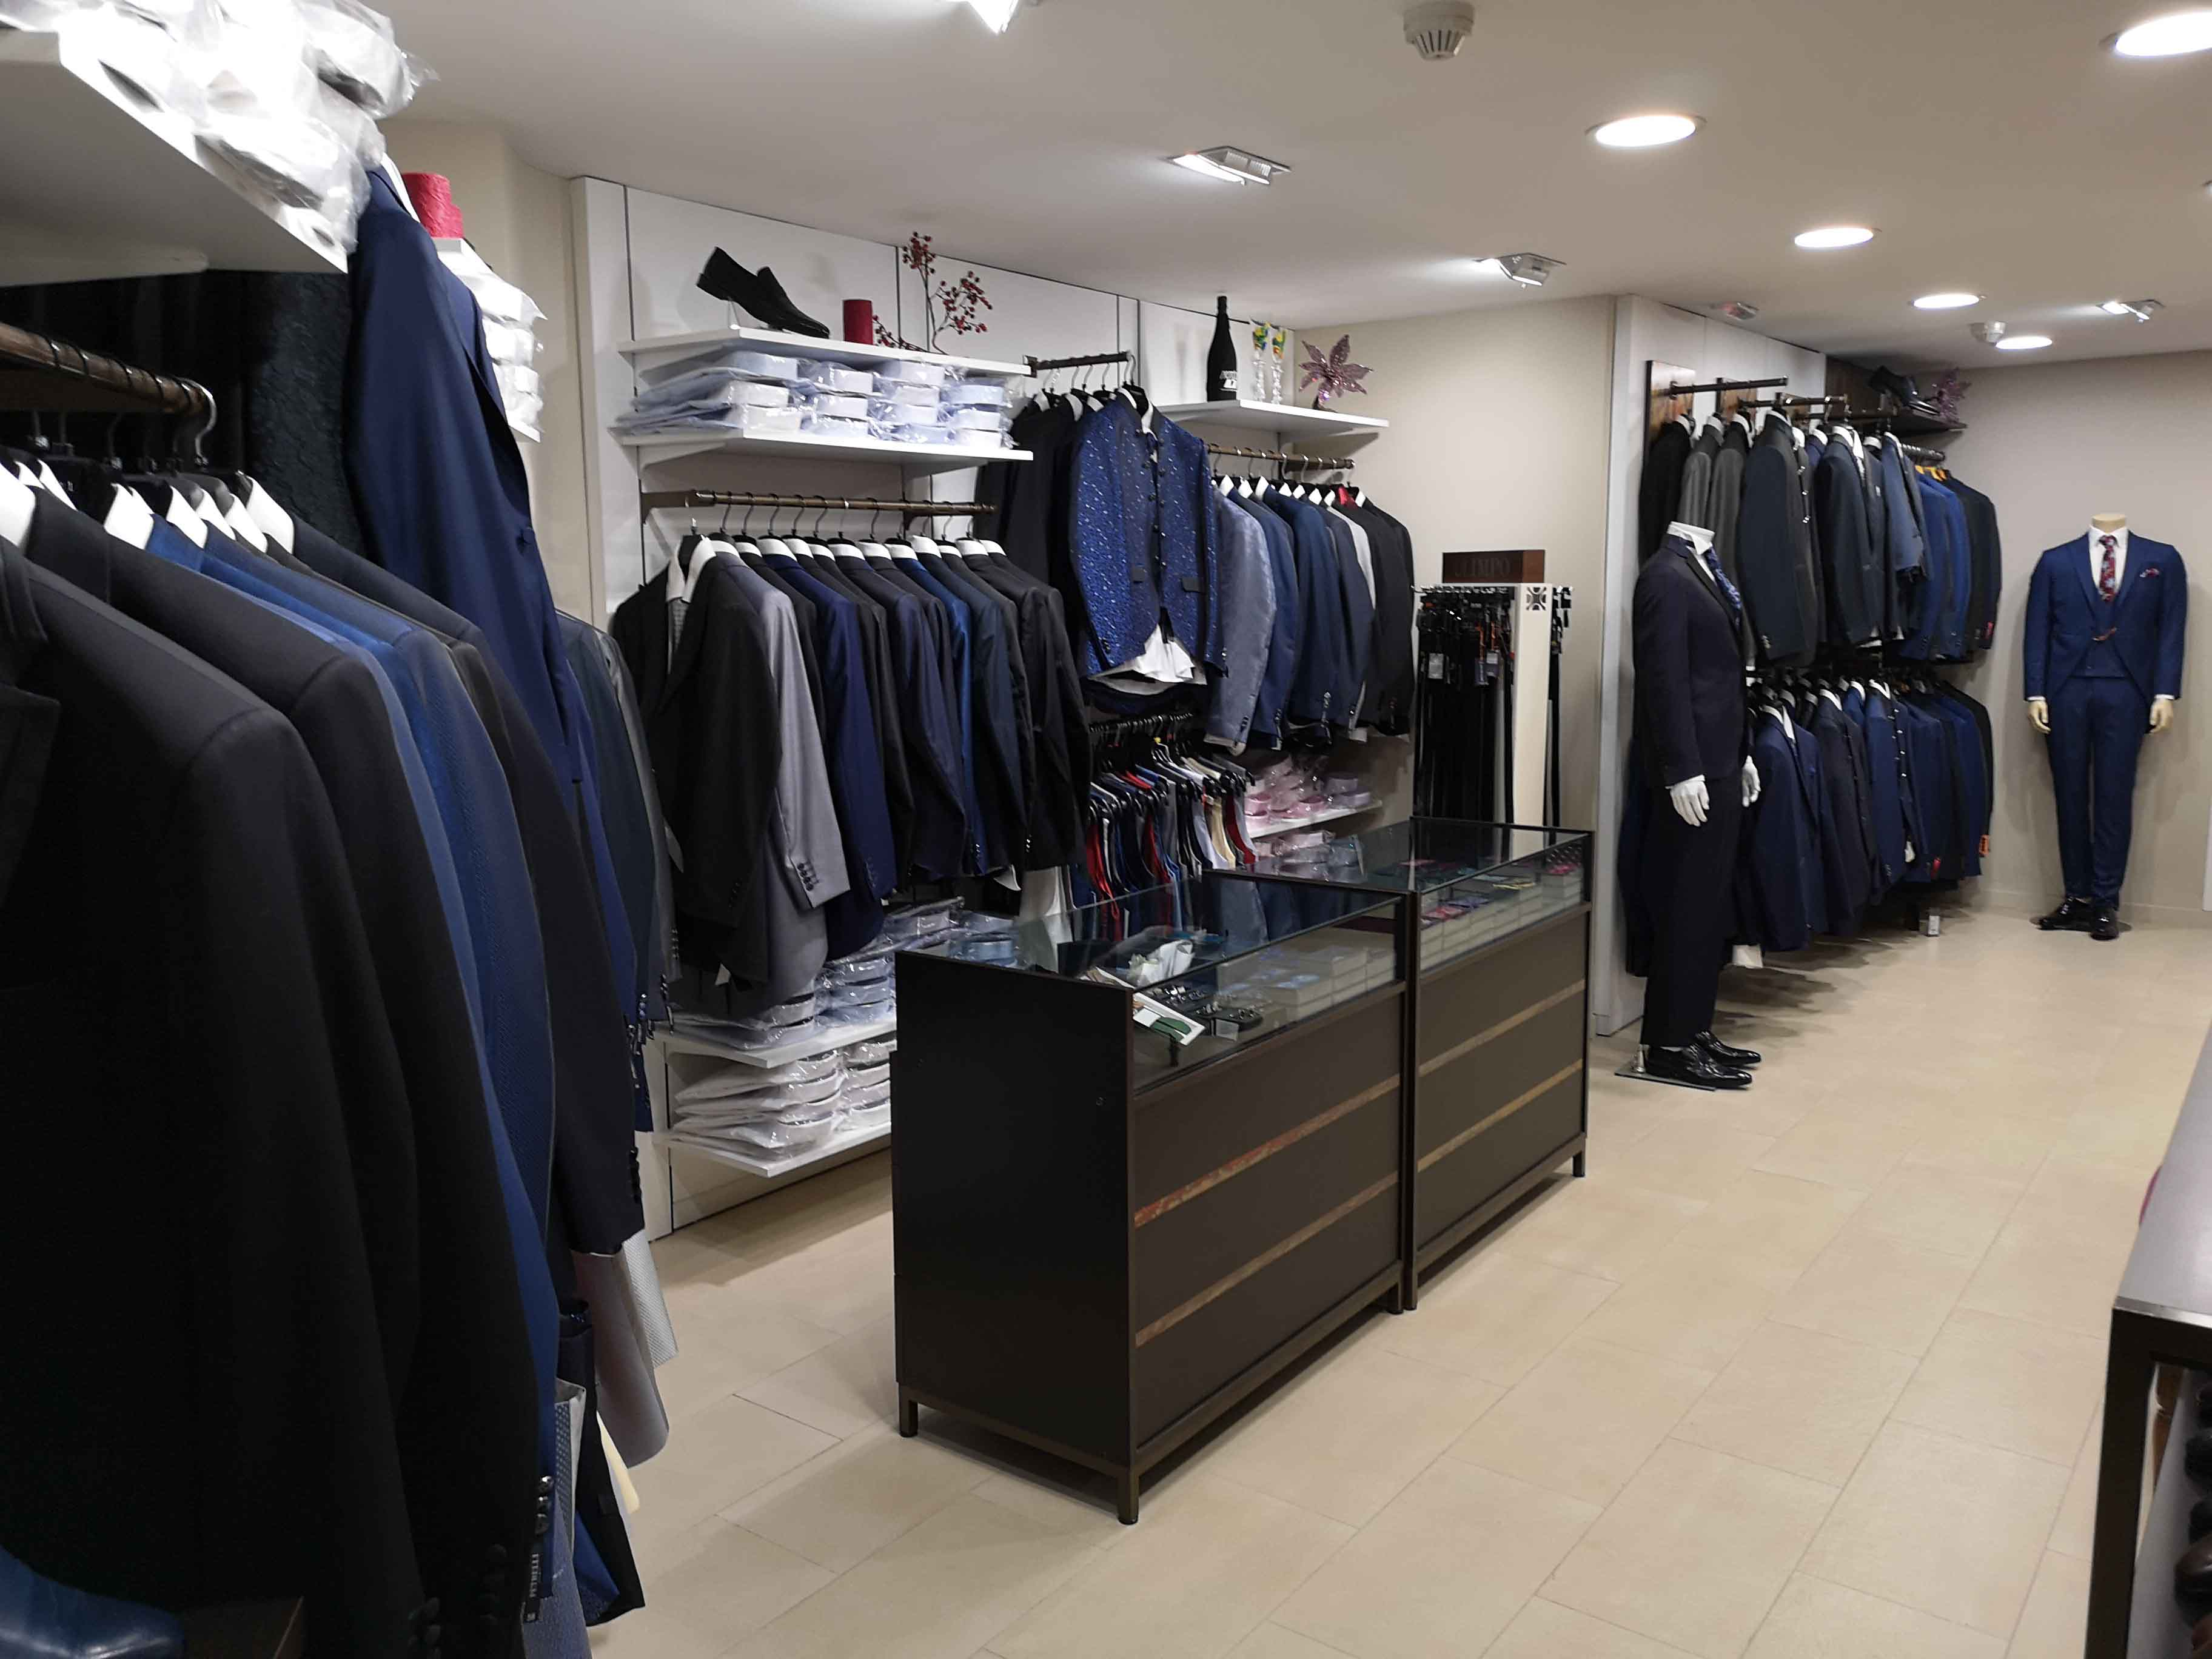 camisas-trajes-tienda-boxly-ciudad-real